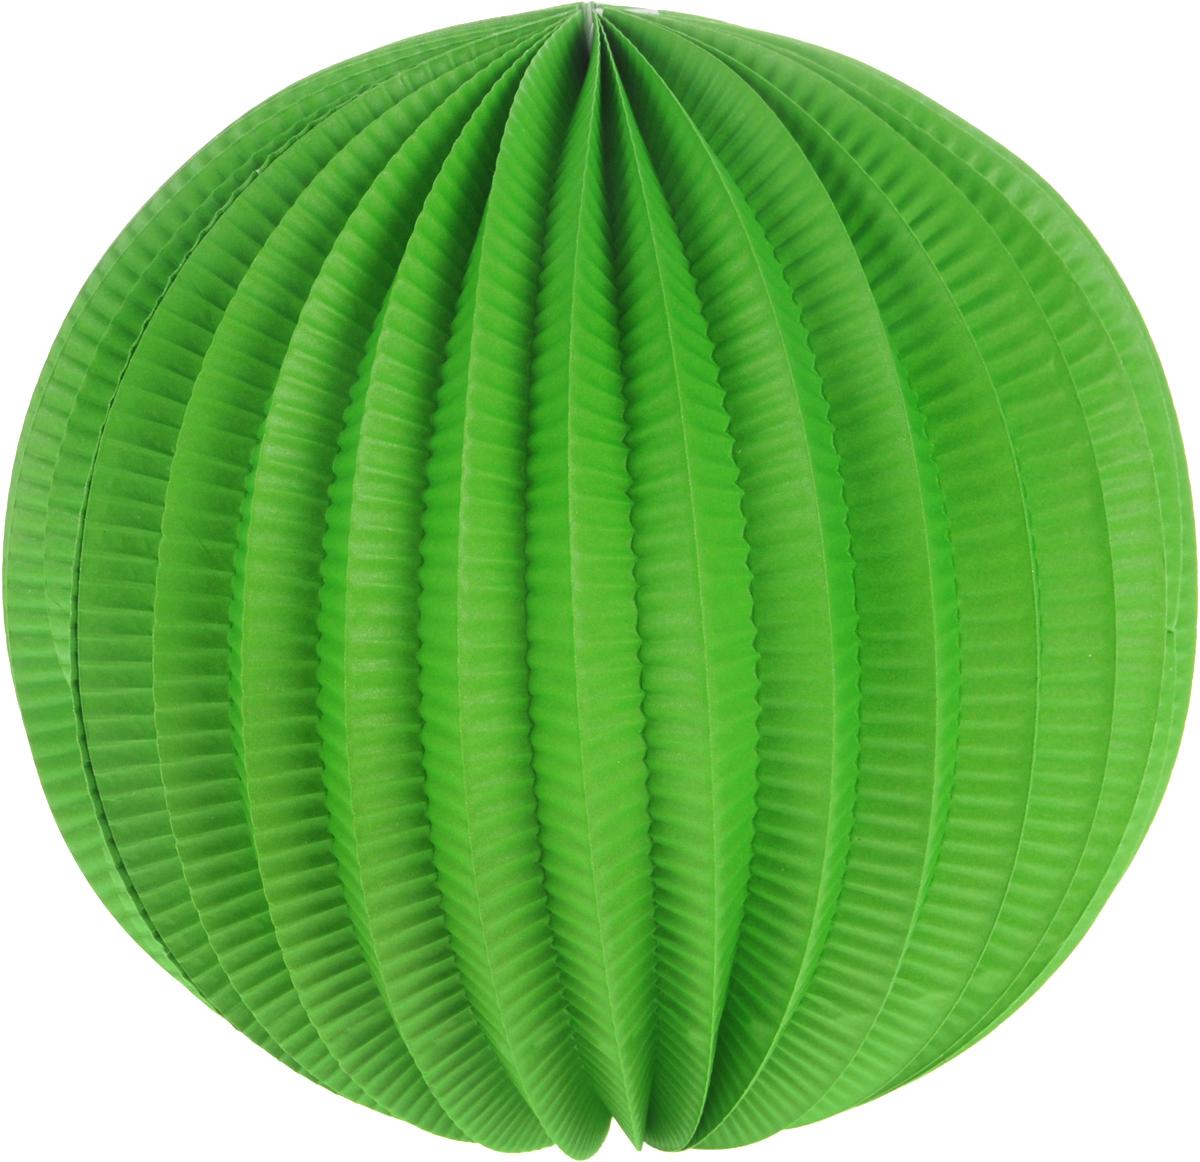 Фонарик бумажный Susy Card, цвет зеленый, диаметр 22 см11141967_зеленыйЯркий гофрированный бумажный фонарик Susy Card, выполненный в виде шара, оснащен металлическим креплением, благодаря которому изделие можно подвесить в любом удобном для вас месте. Фонарик Susy Card украсит интерьер любого помещения и предаст неповторимую атмосферу радости вашему торжеству. Диаметр фонарика: 22 см.